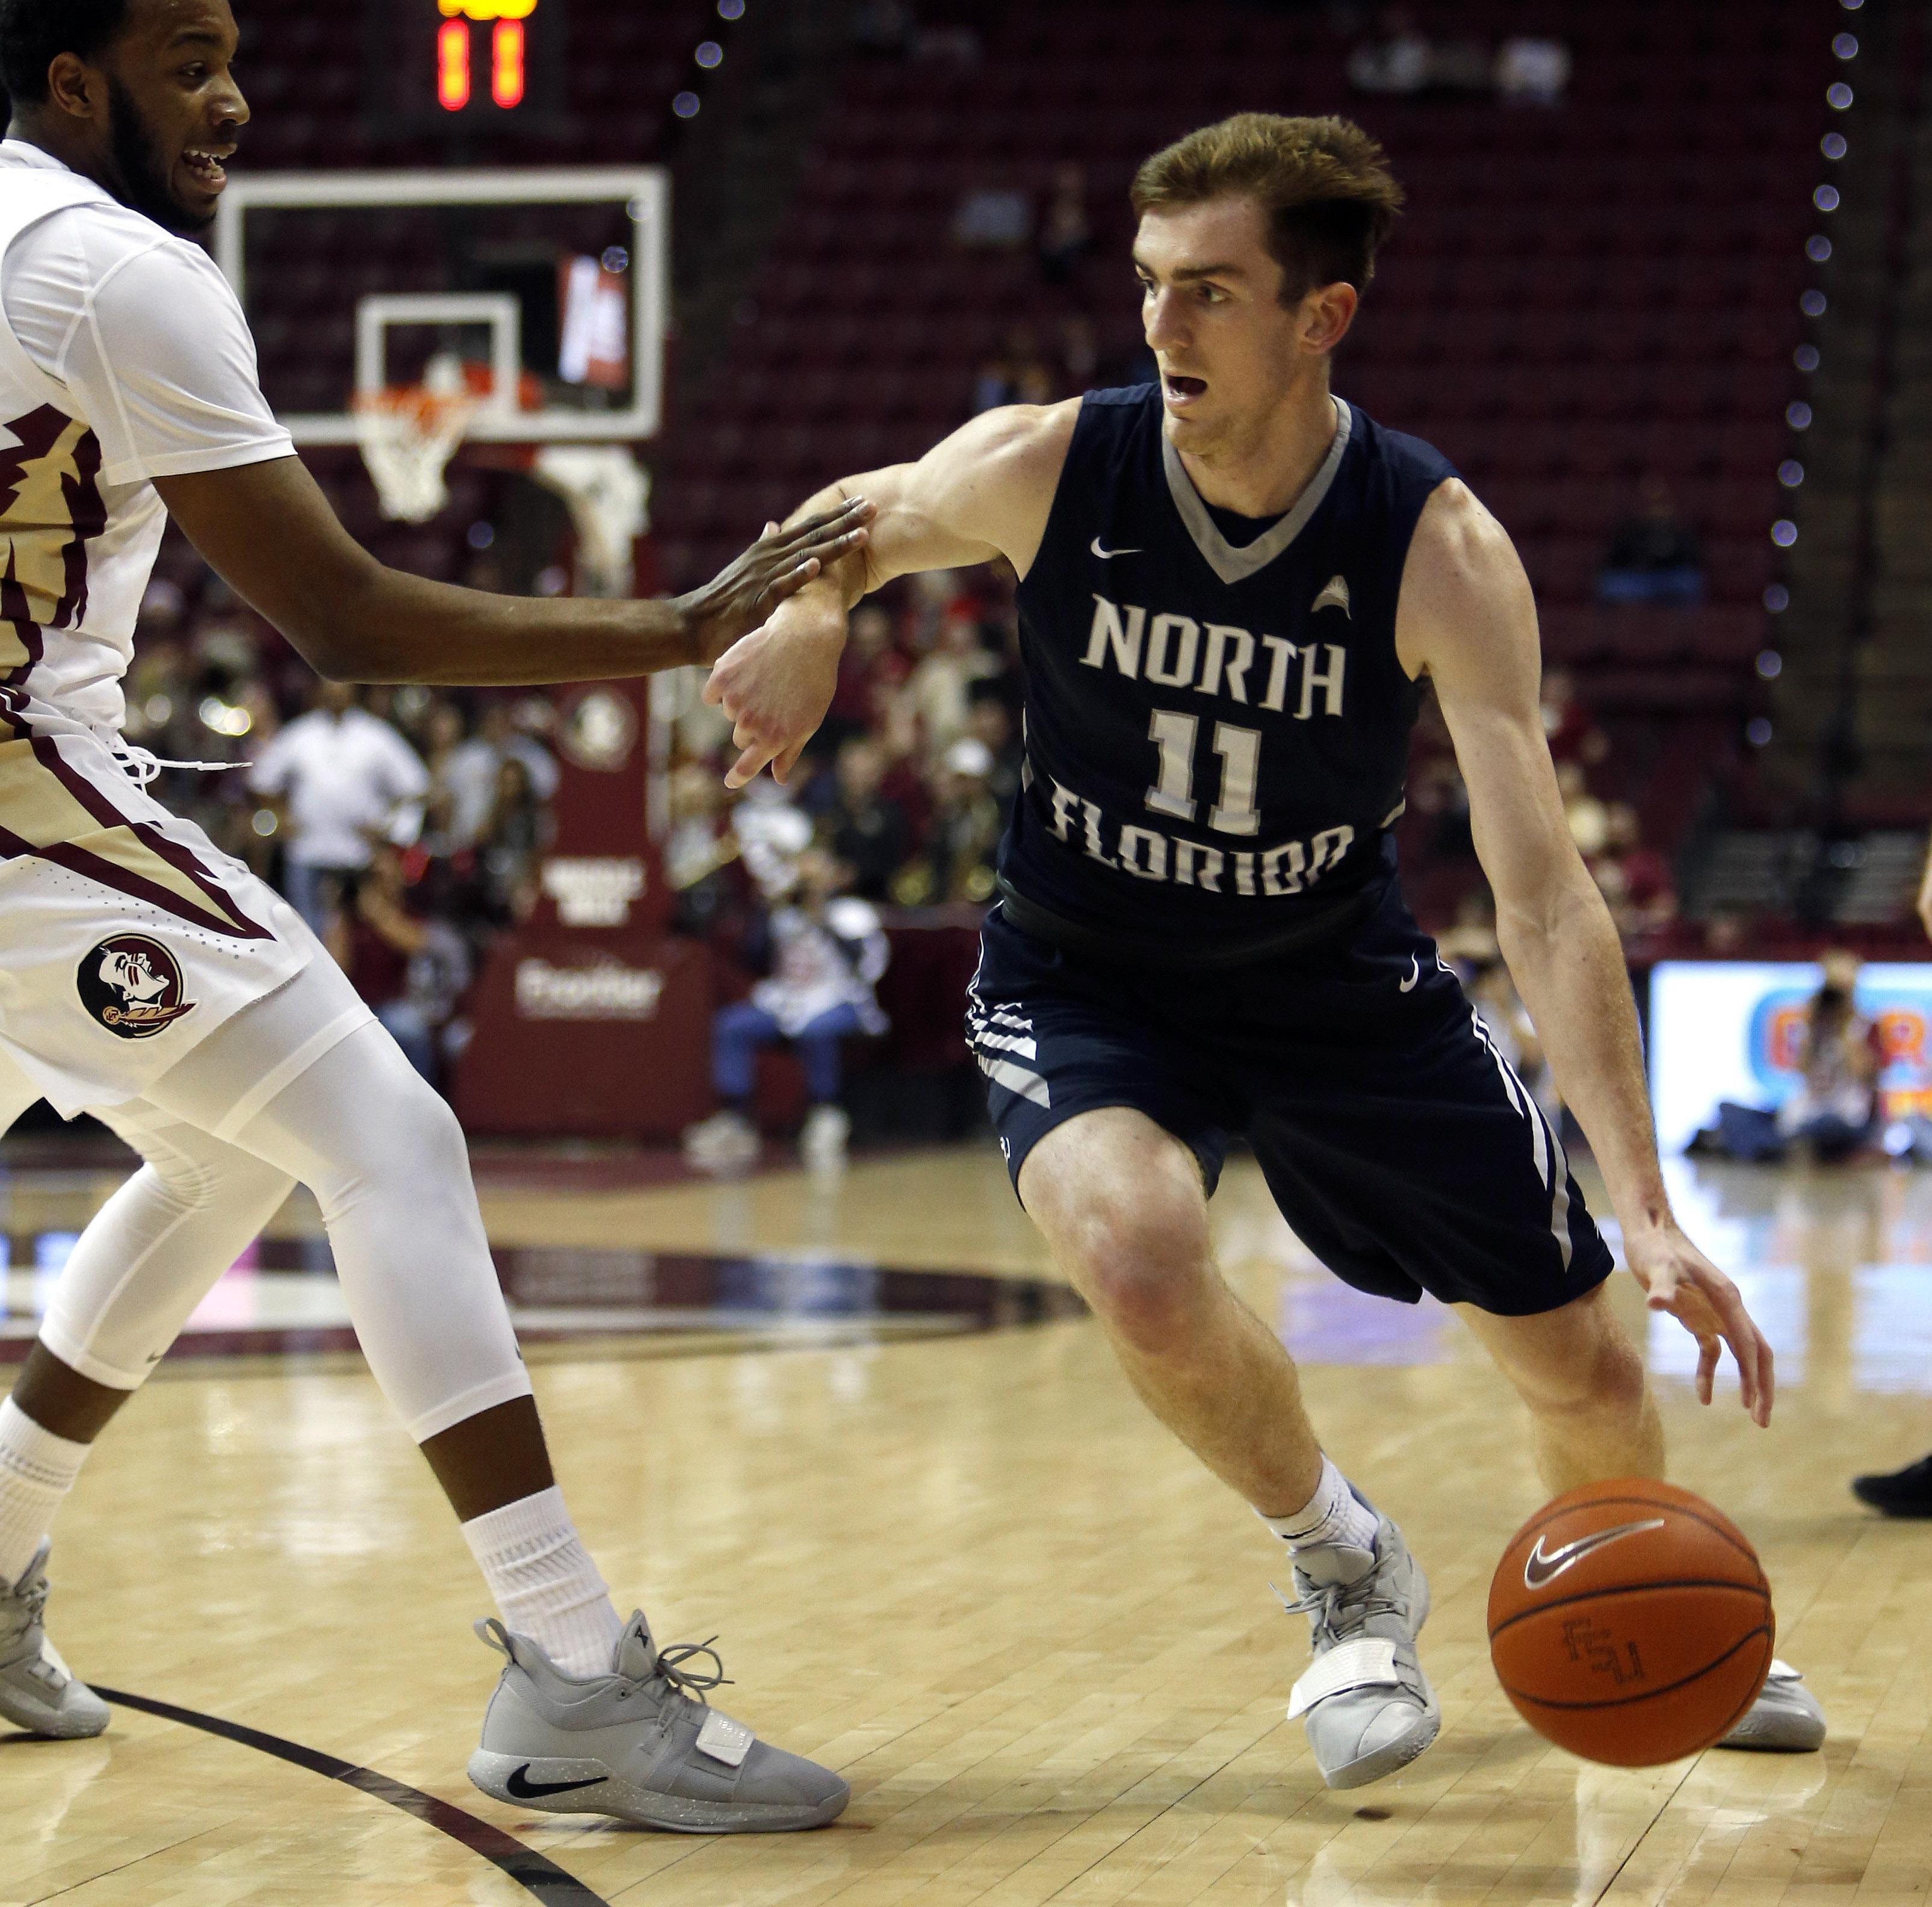 NCAA Basketball: North Florida at Florida State